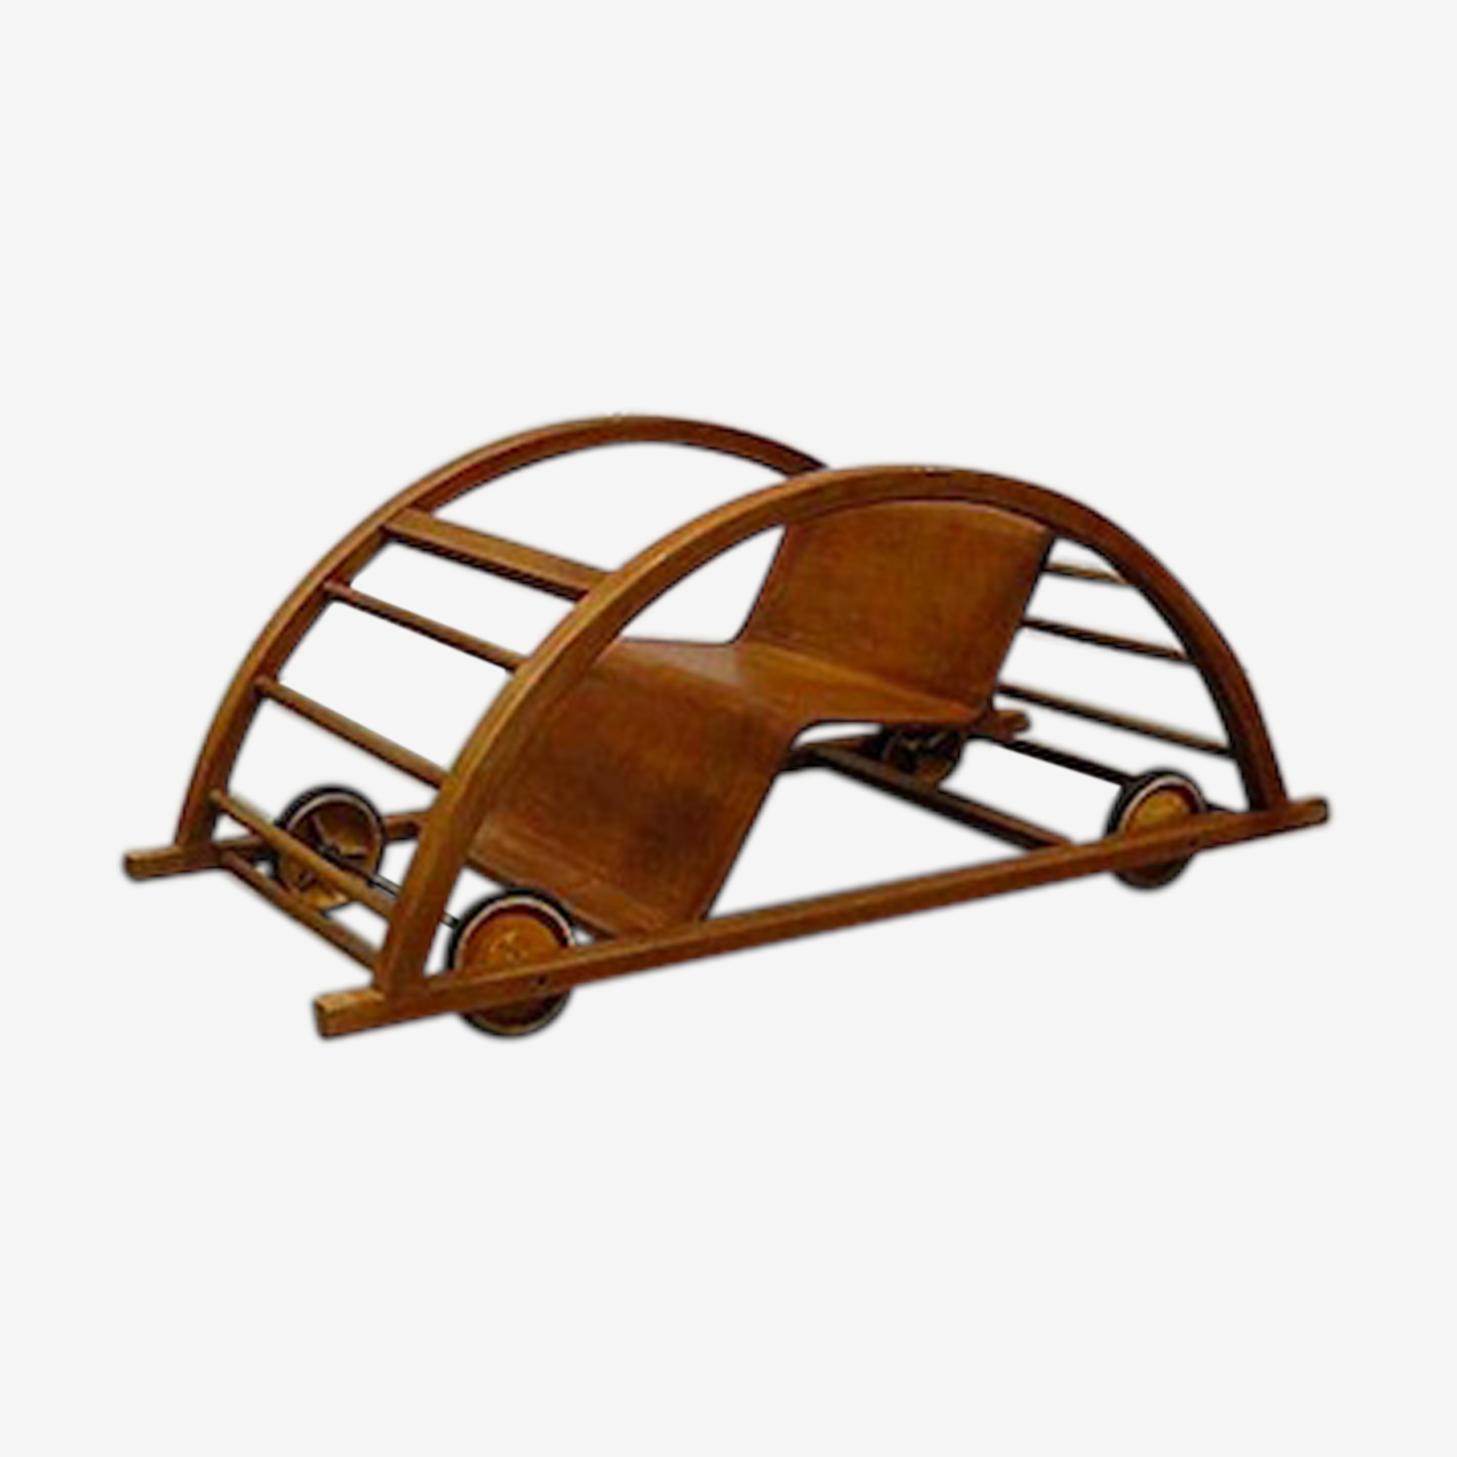 Rocking chair voiture Hans Brockhage